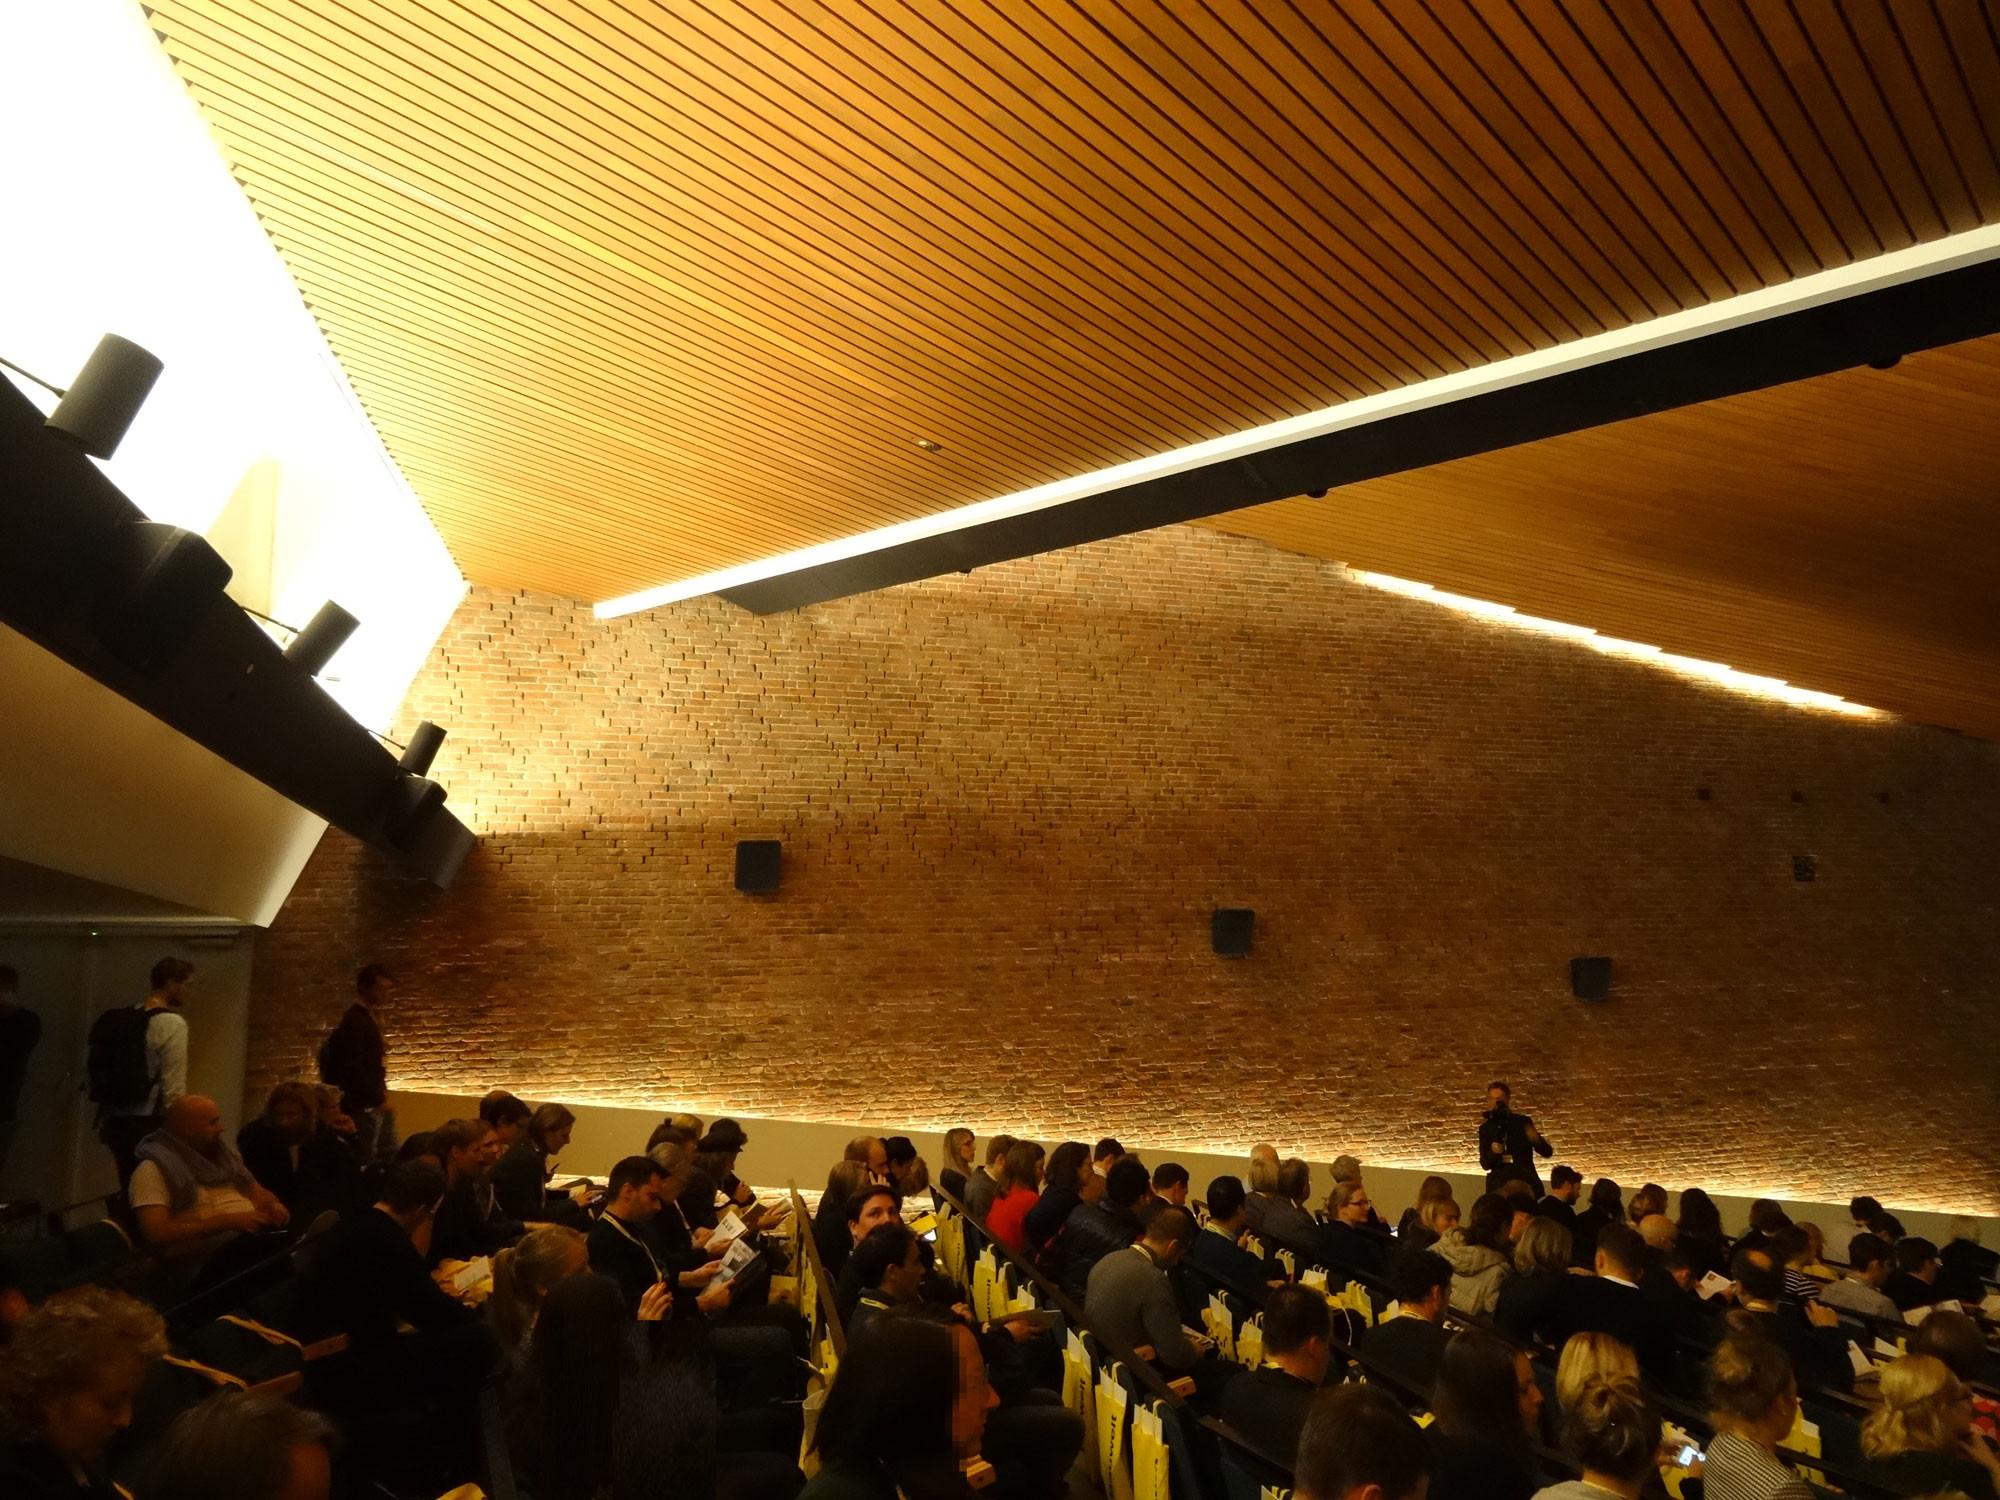 Full Size of Indirekte Beleuchtung Licht Beleuchtungsarten Baunetz Wissen Led Deckenleuchte Wohnzimmer Deckenleuchten Schlafzimmer Deckenlampe Küche Deckenlampen Modern Wohnzimmer Indirekte Beleuchtung Decke